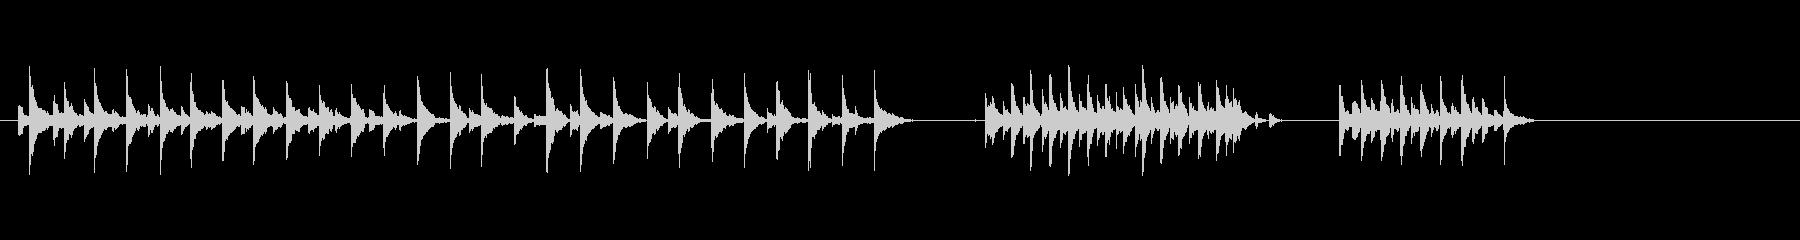 ベル-手の未再生の波形